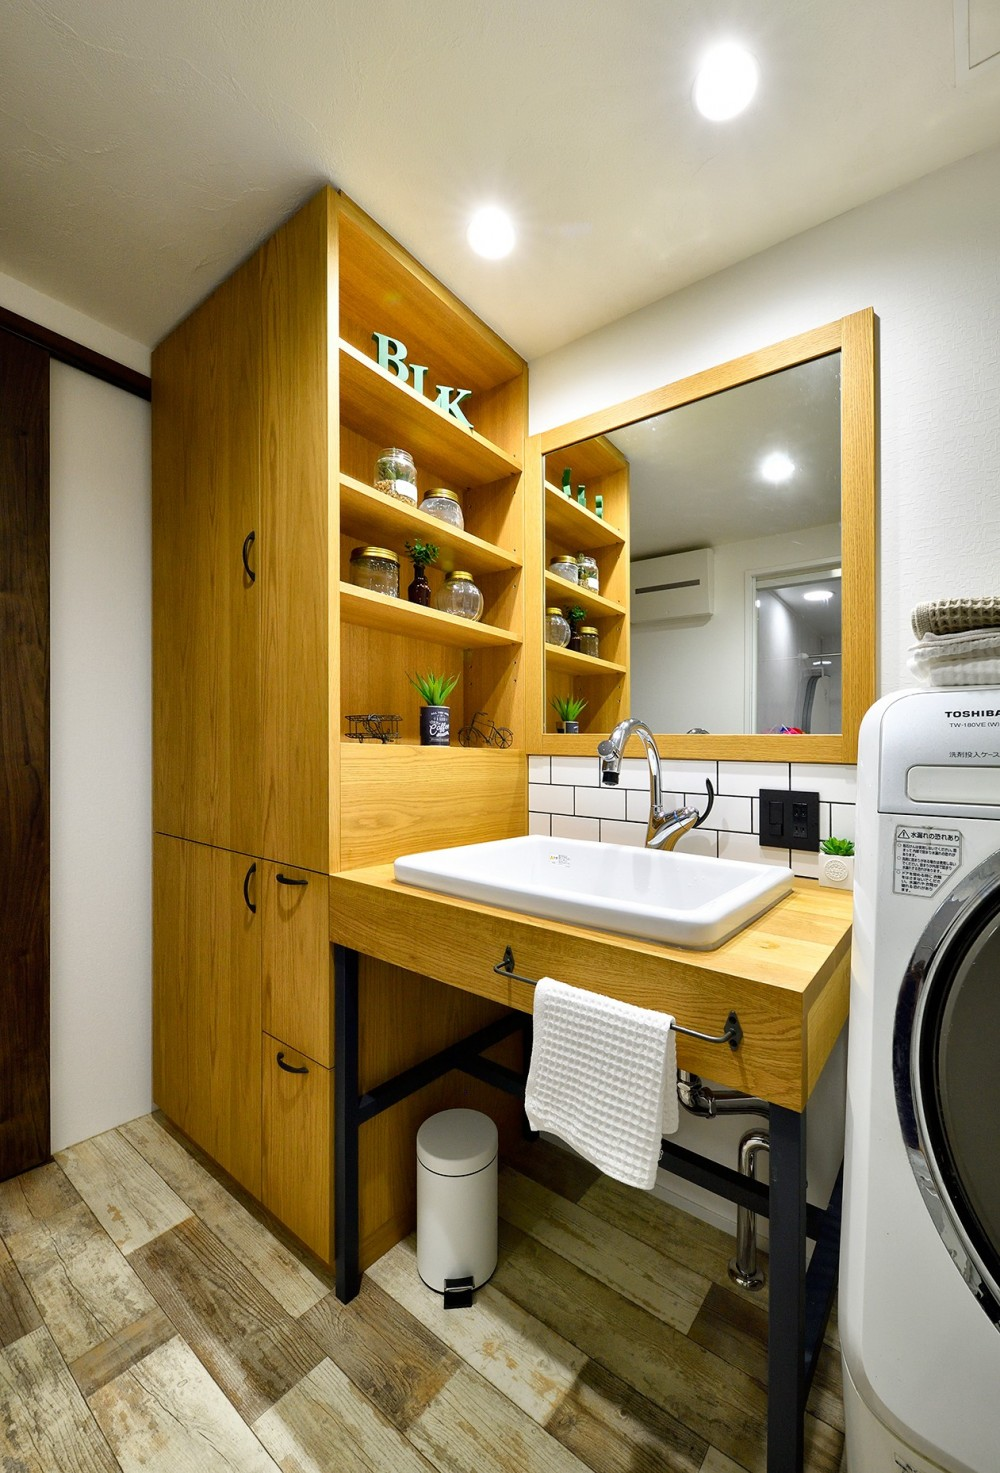 ゼロからの家づくり-ブルックリンハウス-(商業用ビルの倉庫から住居スペースへリフォーム)<第26回 「ジェルコリフォームコンテスト2018 関東甲信越支部」入賞 受賞> (大容量の収納スペースを設けた洗面室)